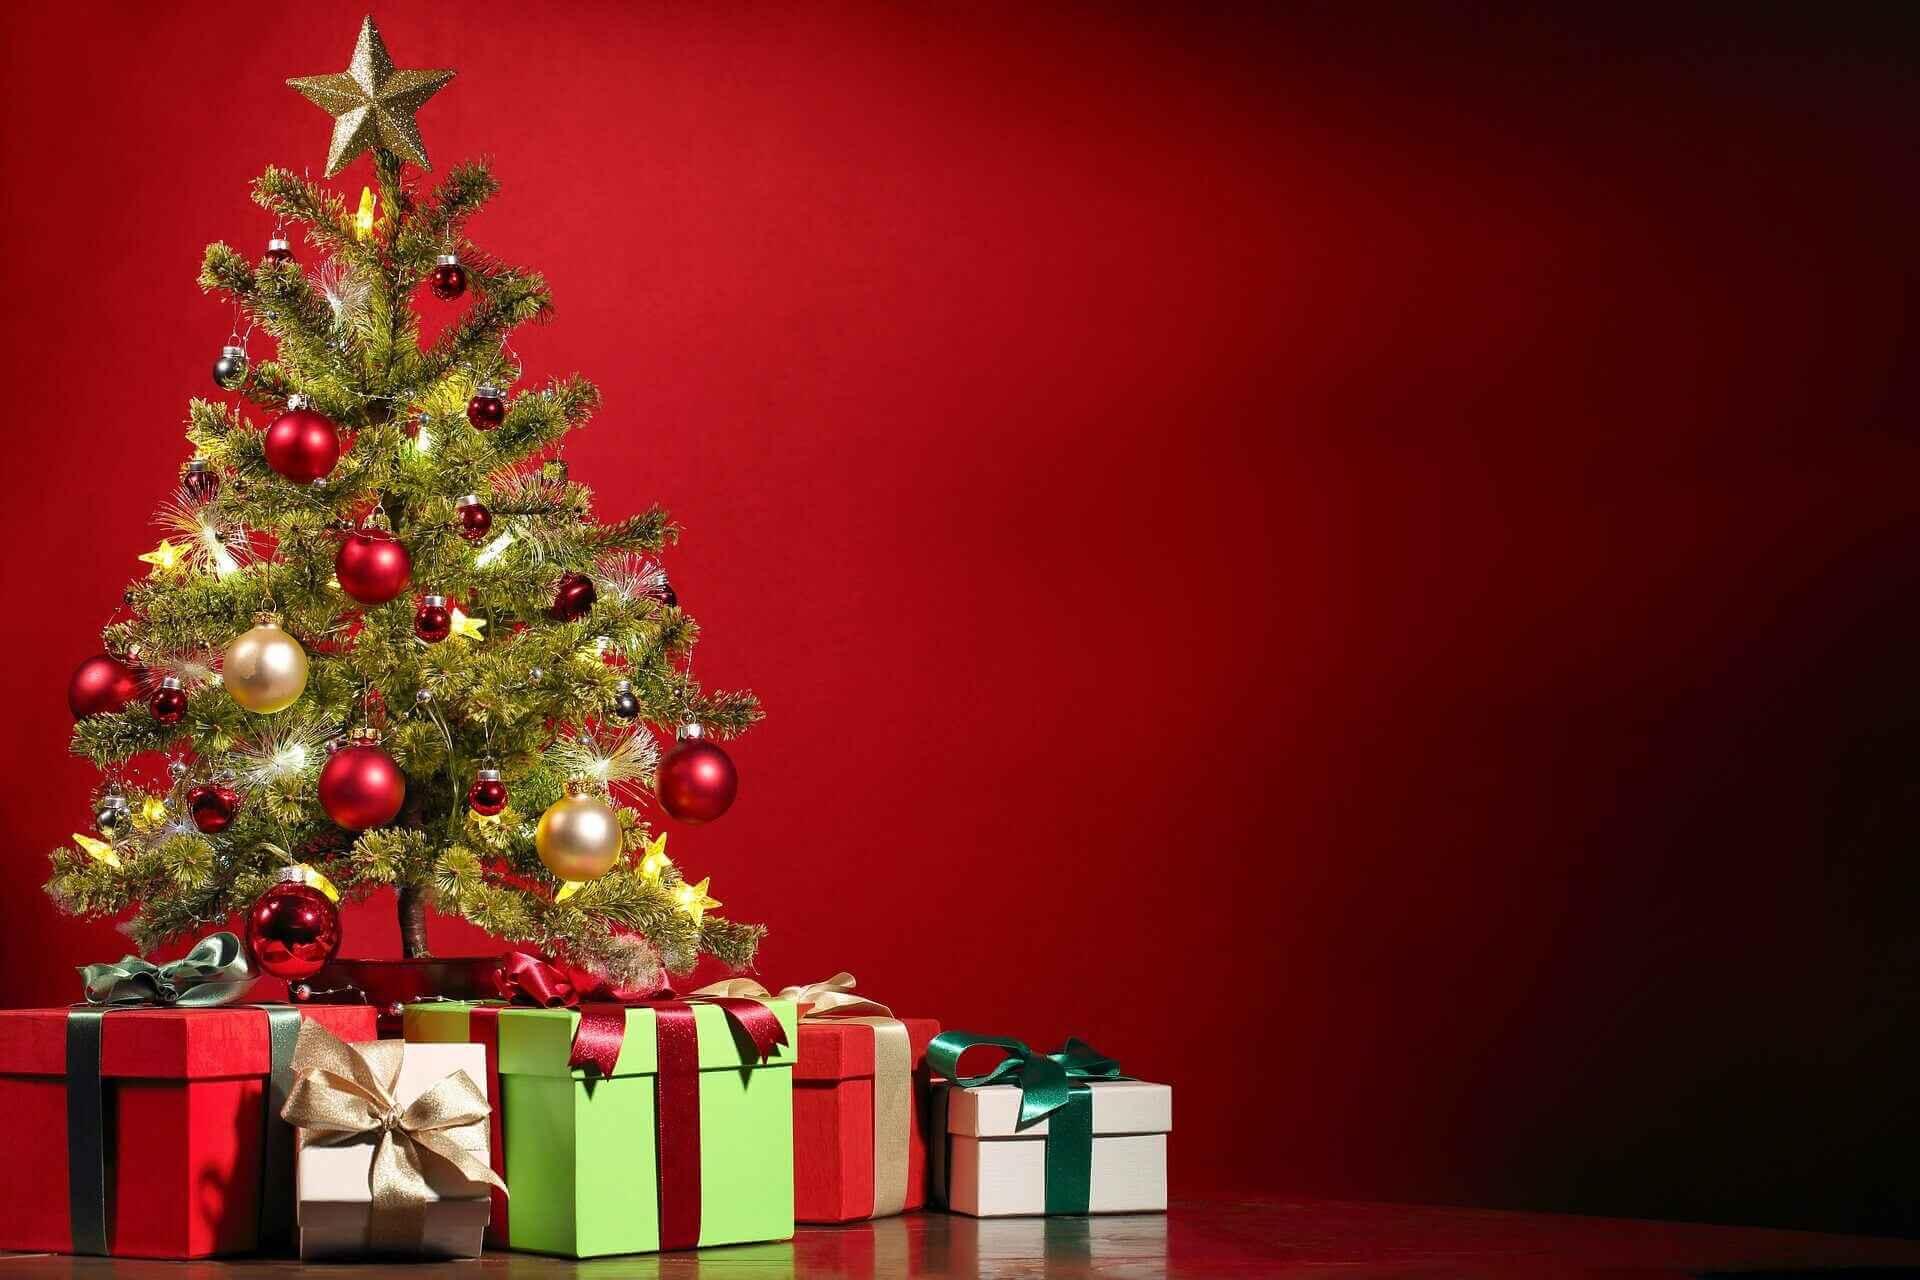 Bilder Von Weihnachten.Weihnachten 2019 2020 Wann Ist Weihnachten